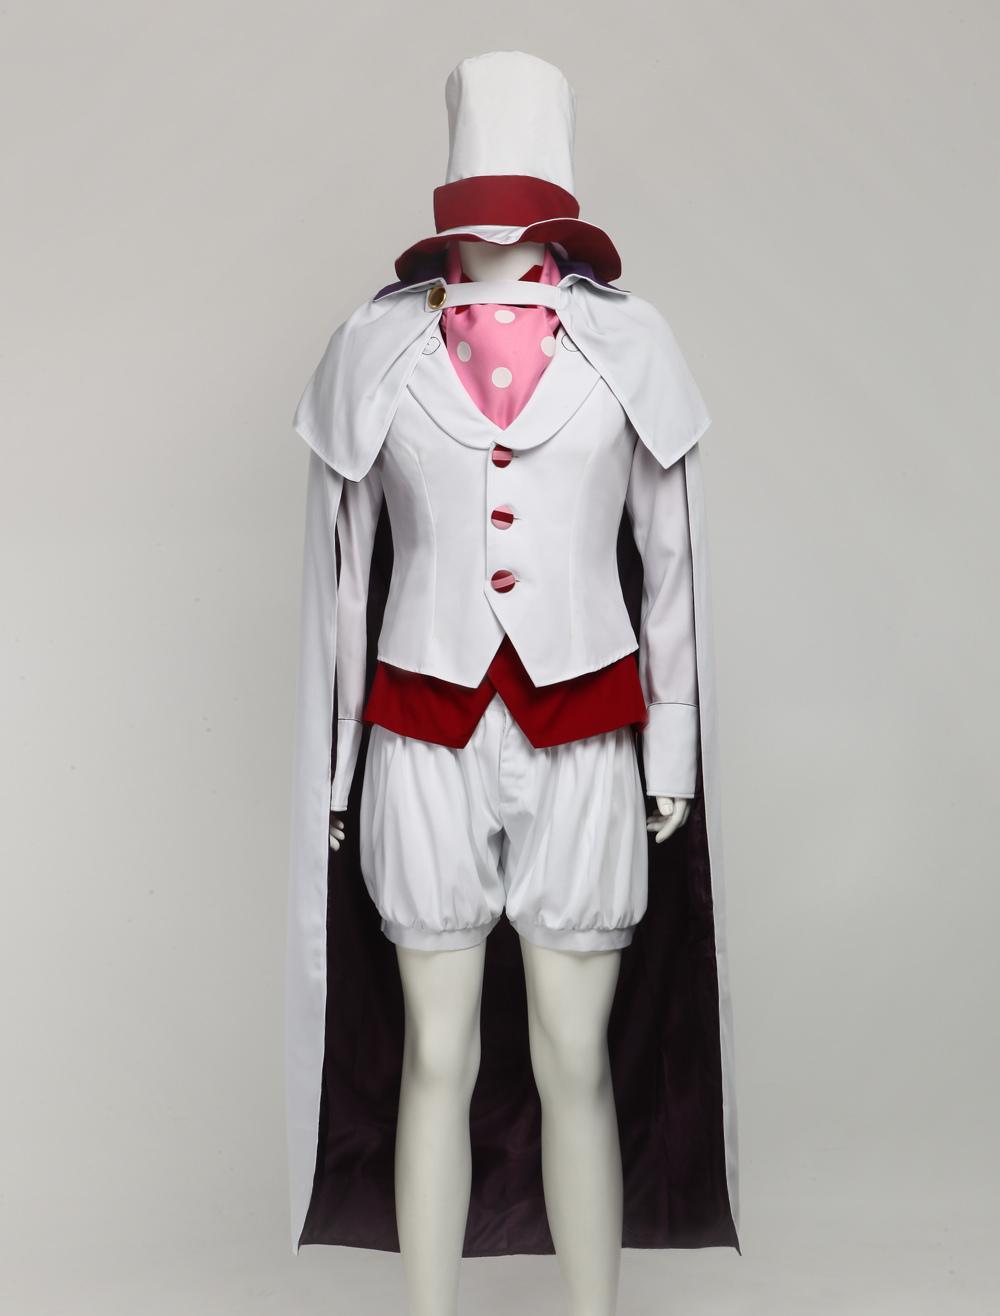 ao-exorcist-mephisto-phele-cosplay-costume